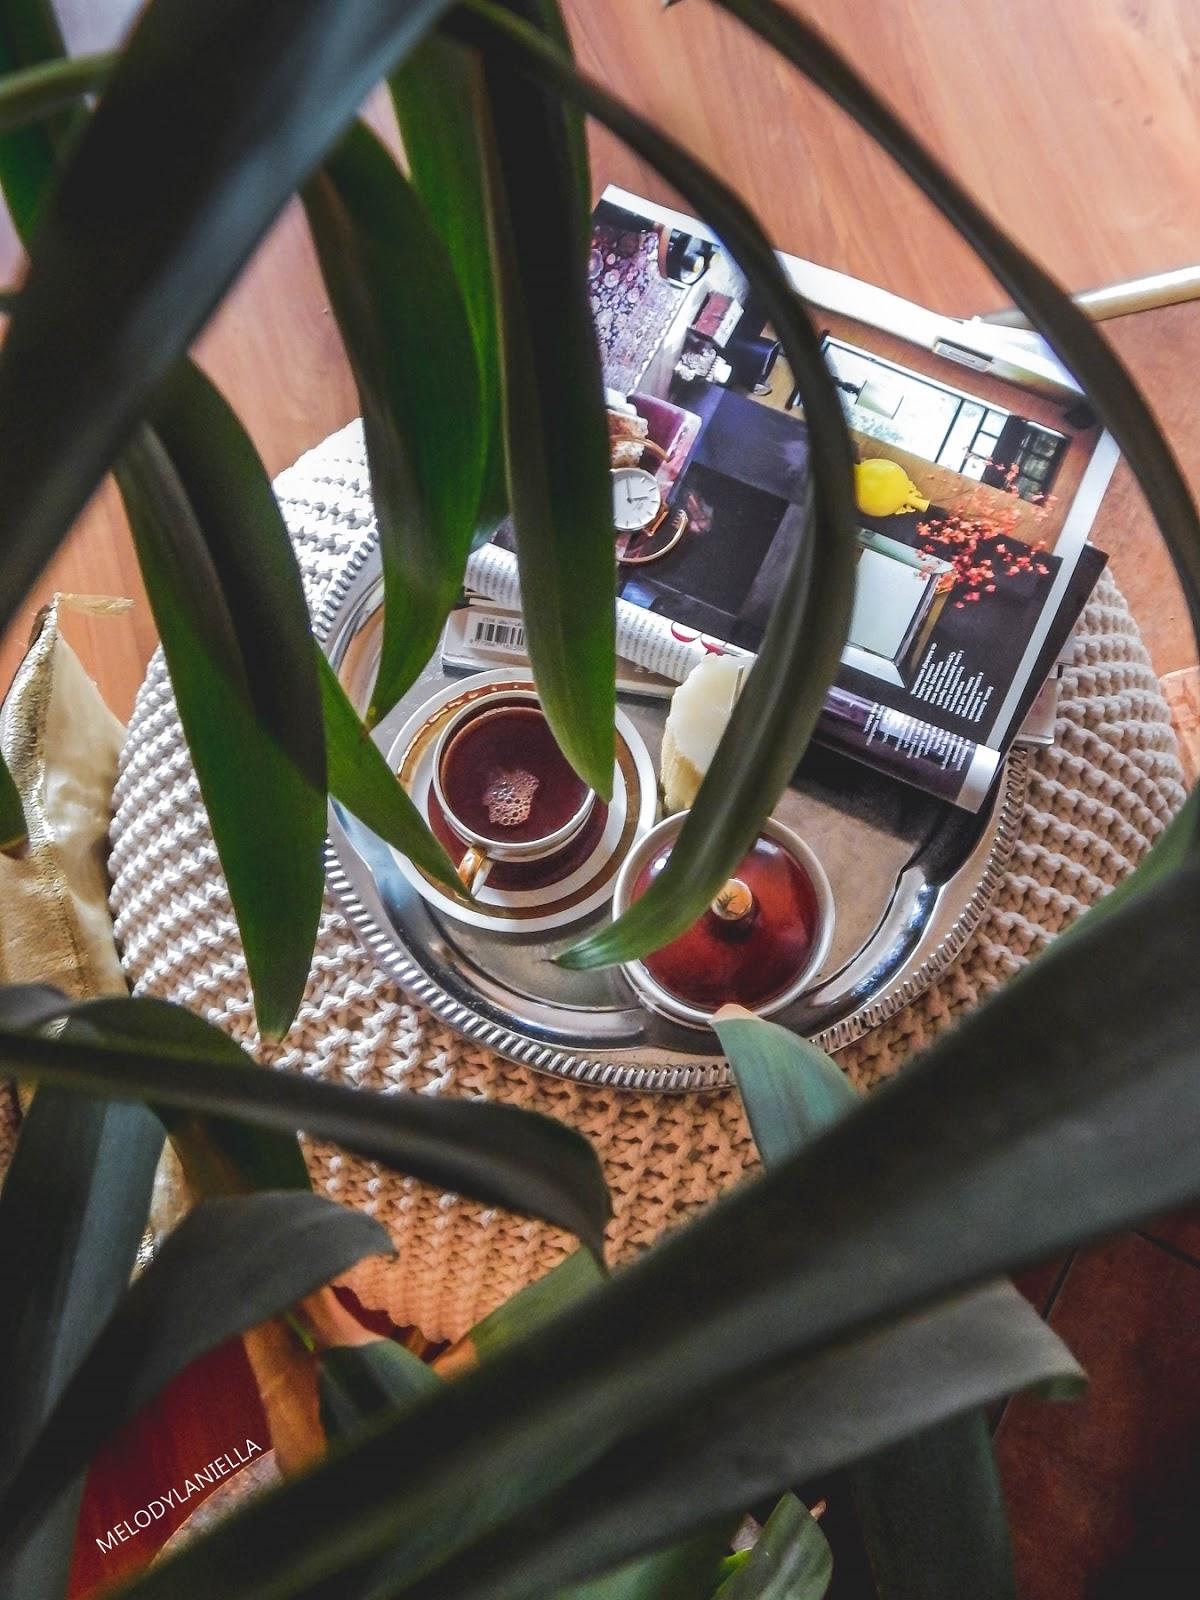 3 filo loop pomysł na biznes iwona trocka pufy poduszki warsztaty handmade robienia na drutach pledy koce shoper bag ze sznurka pomysł na prezent wystrój wnętrz design dodatki do mieszkań i domów handmade